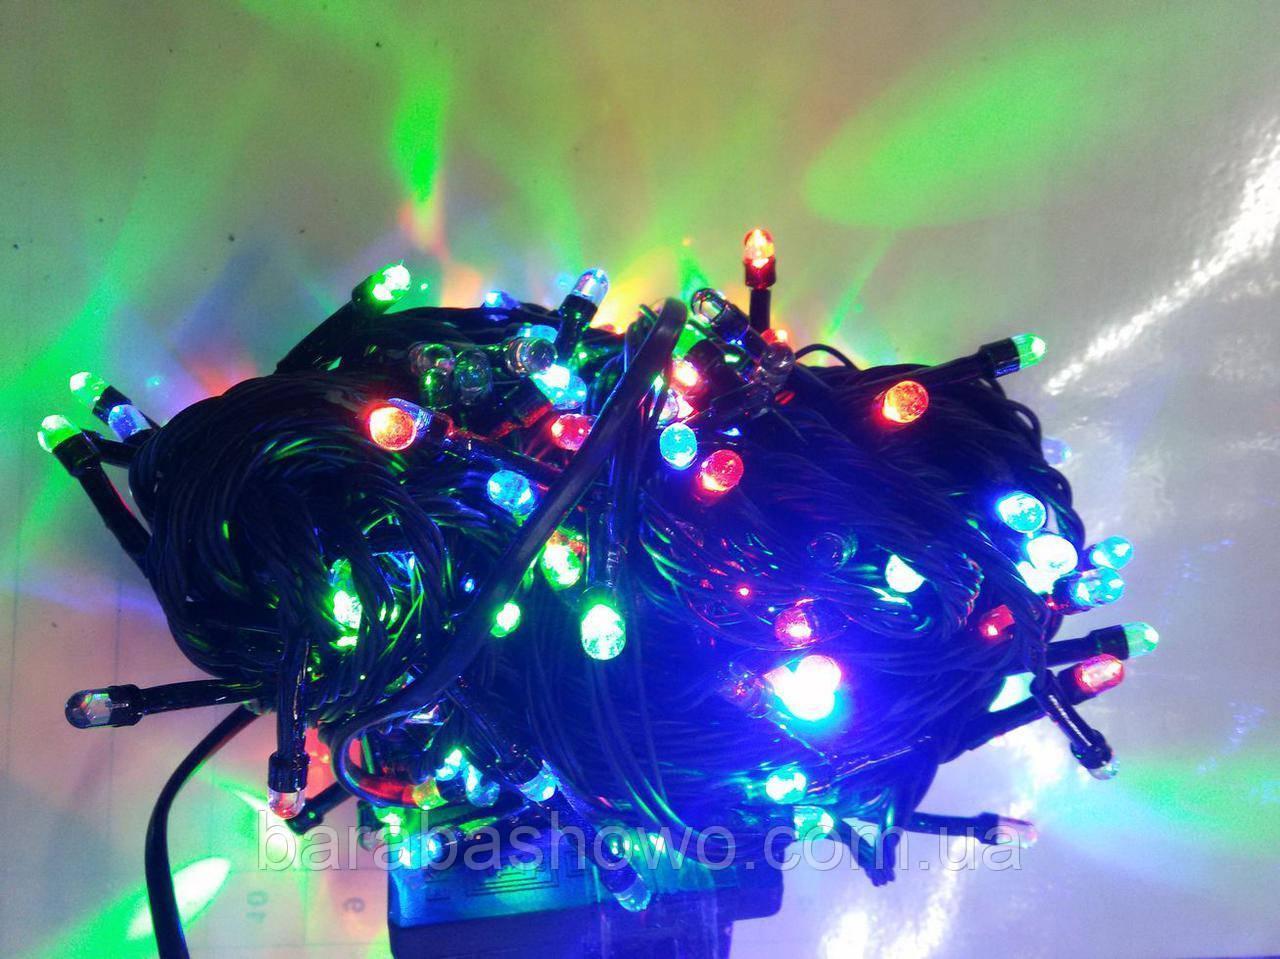 """Гірлянда """"Ліза"""" 400 LED 5mm на чорному проводі, різнокольорова"""